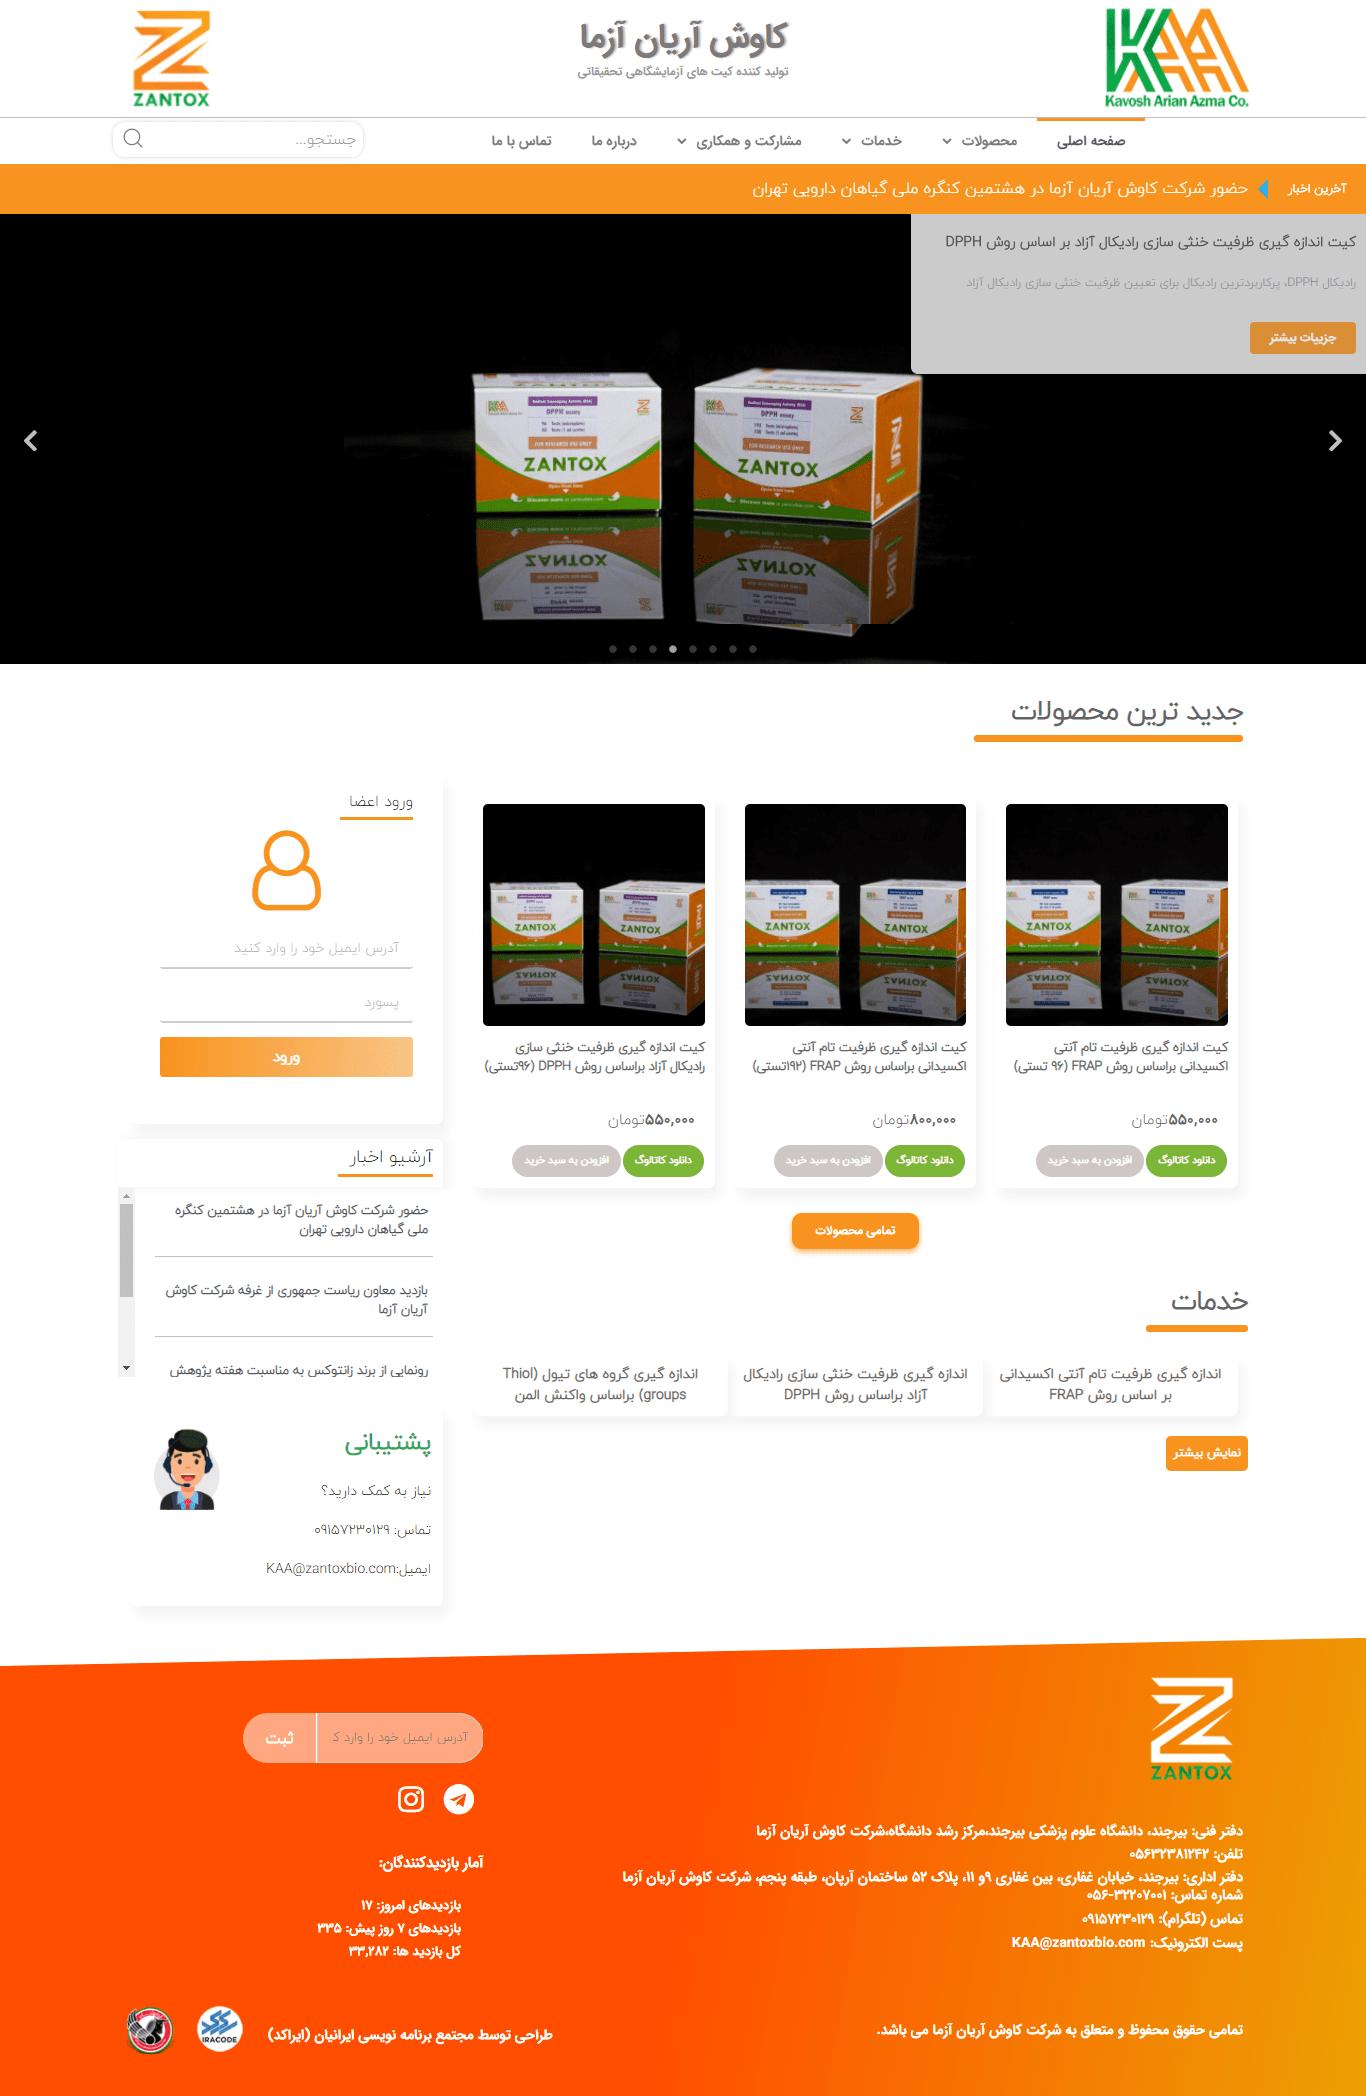 صفحه اصلی فروشگاه اینترنتی زانتوکس